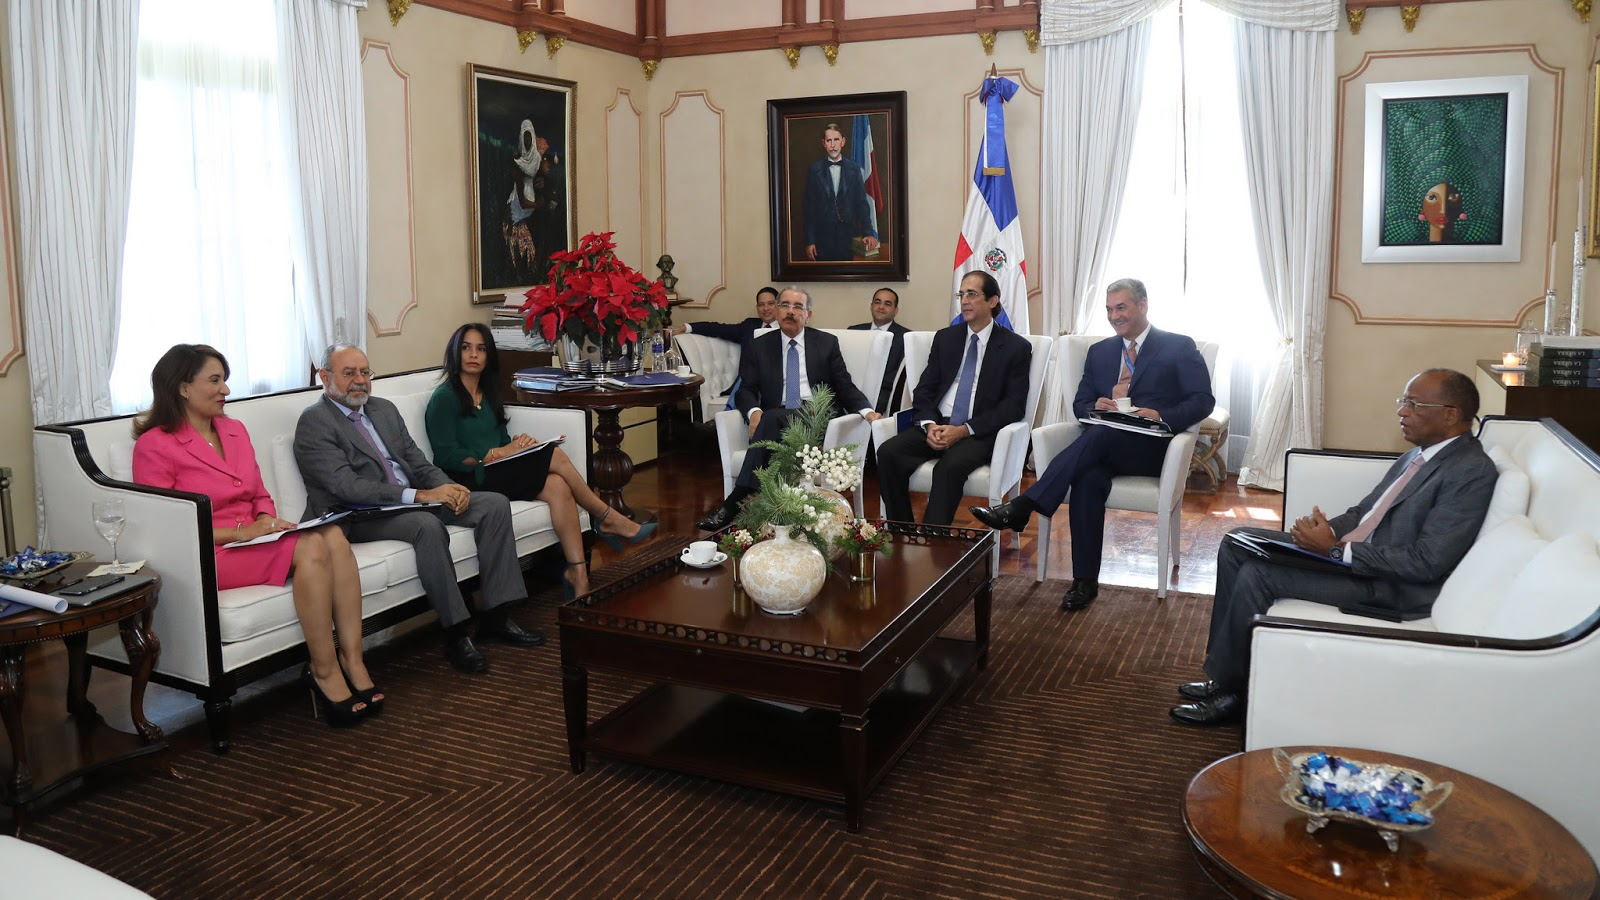 Comisión presenta proyectos del Plan de Movilidad Urbana Sostenible al presidente Danilo Medina